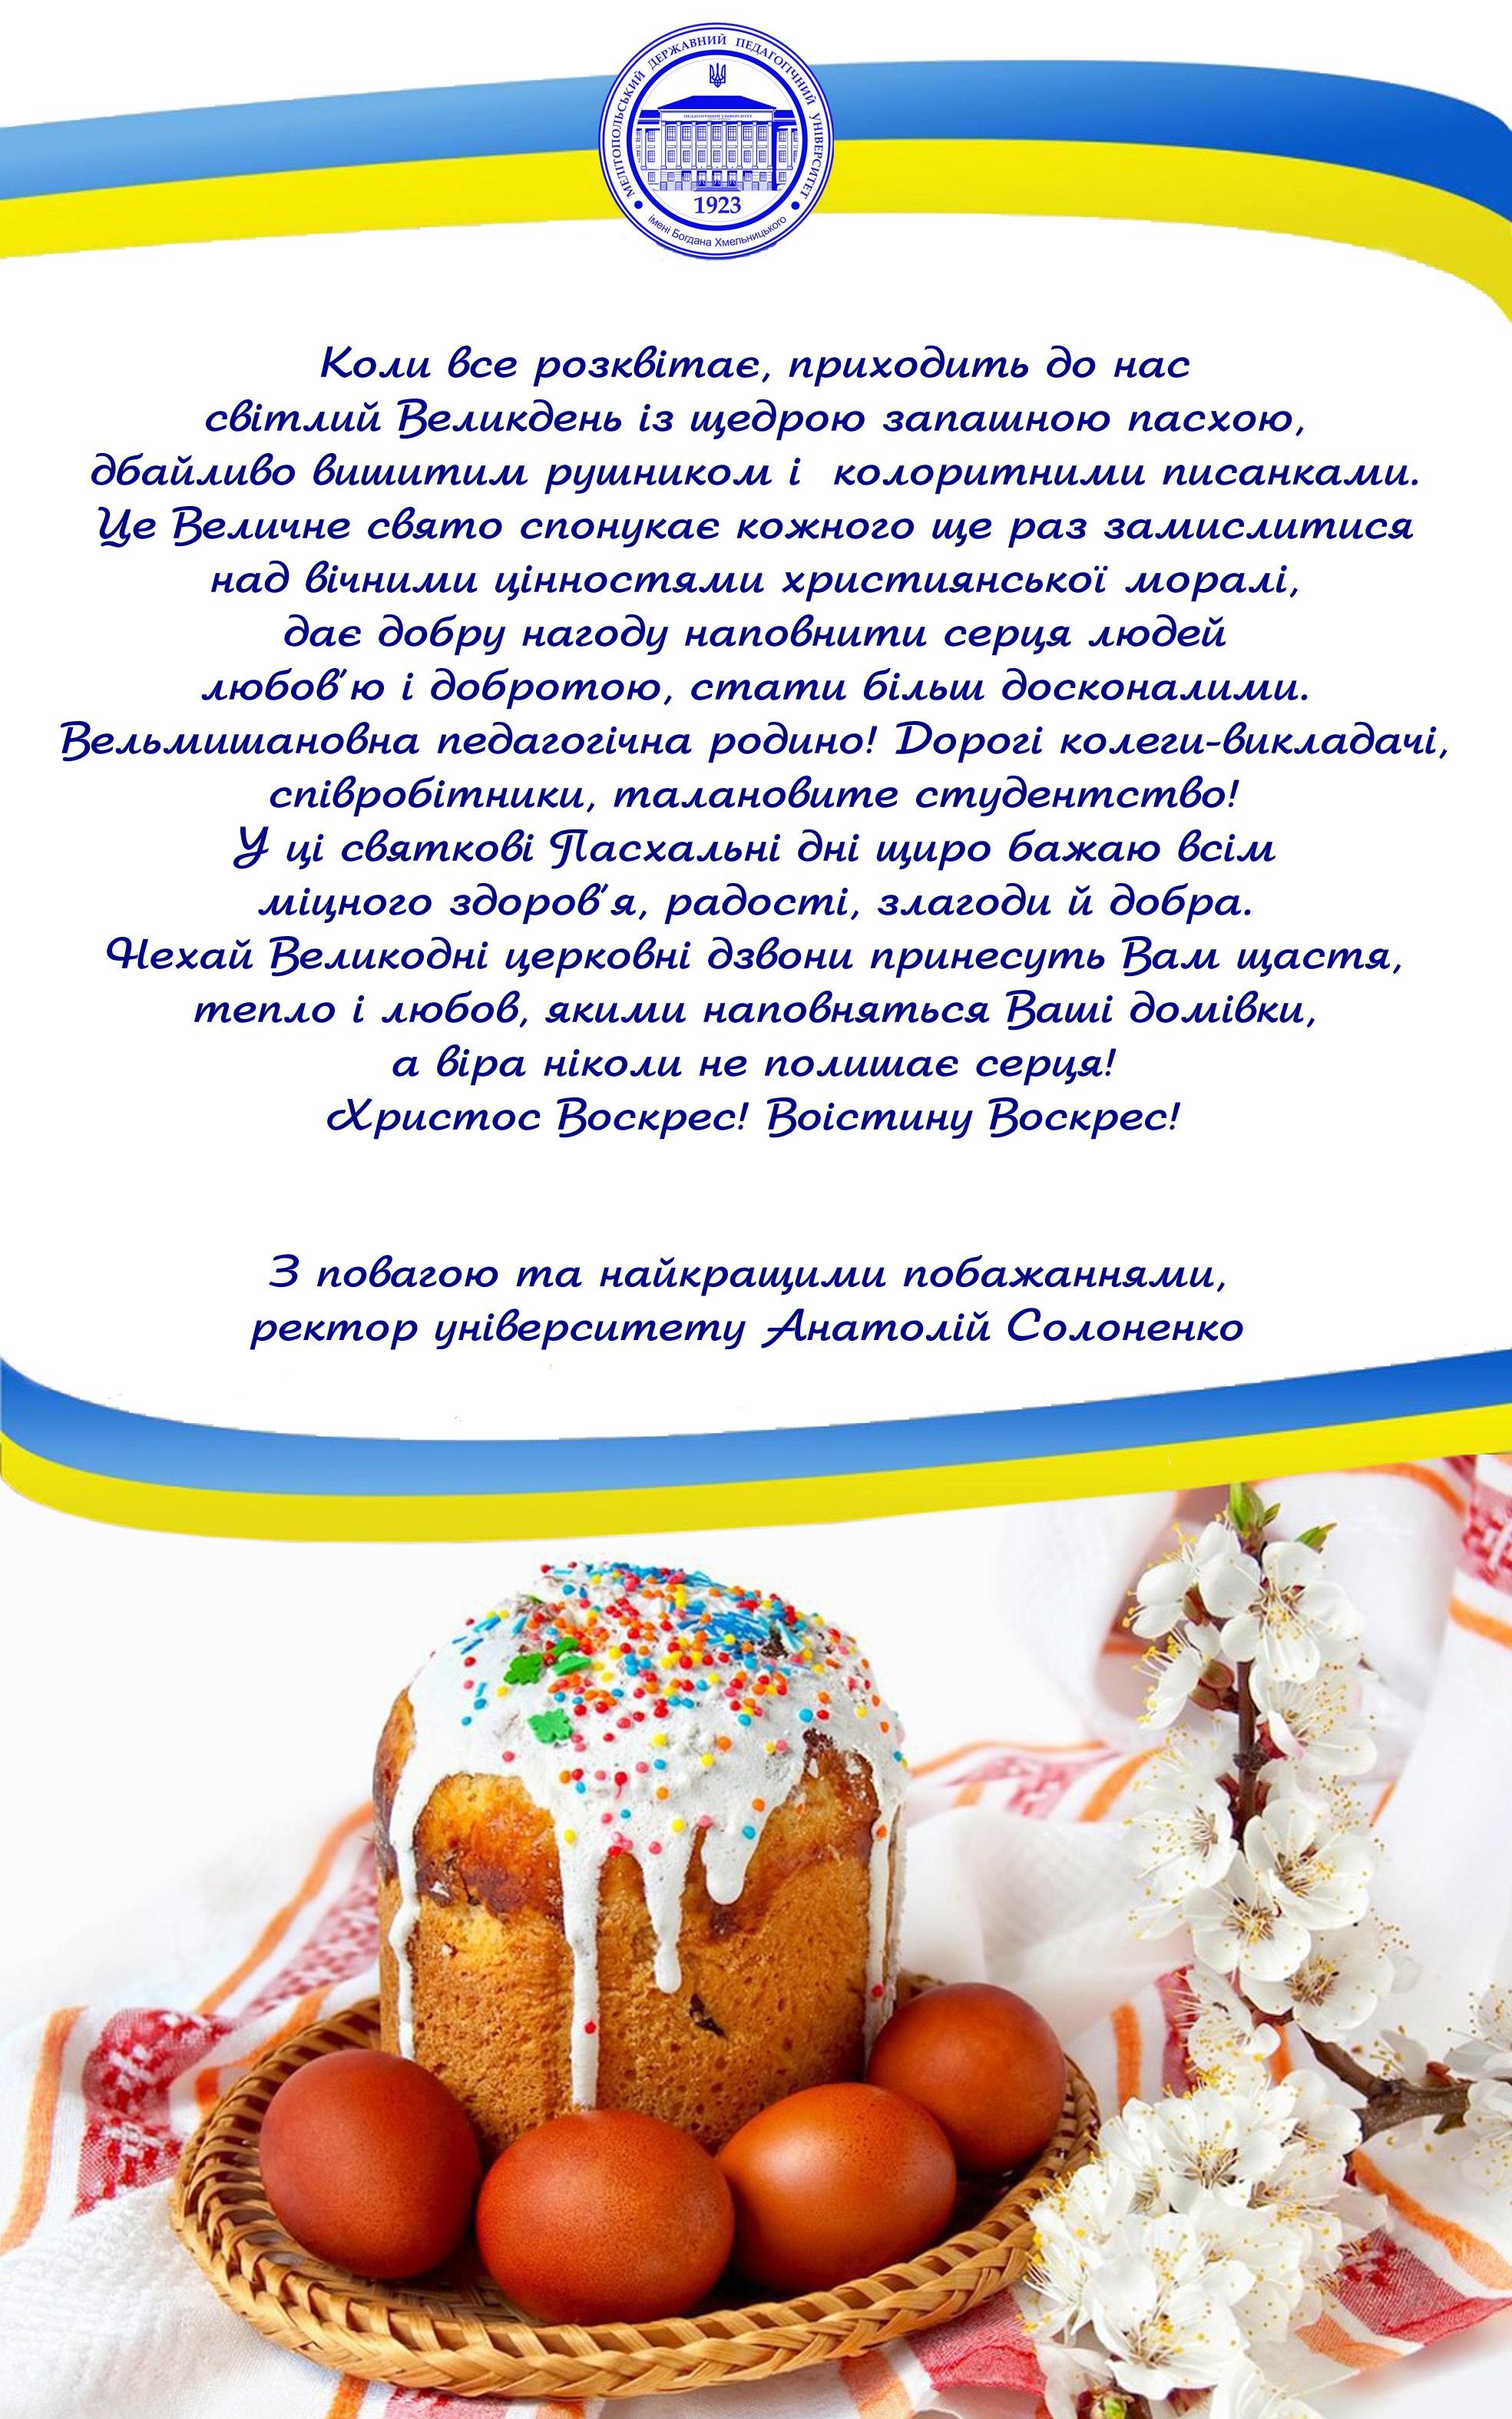 Привітання ректора університету Анатолія Солоненка з Великоднем!